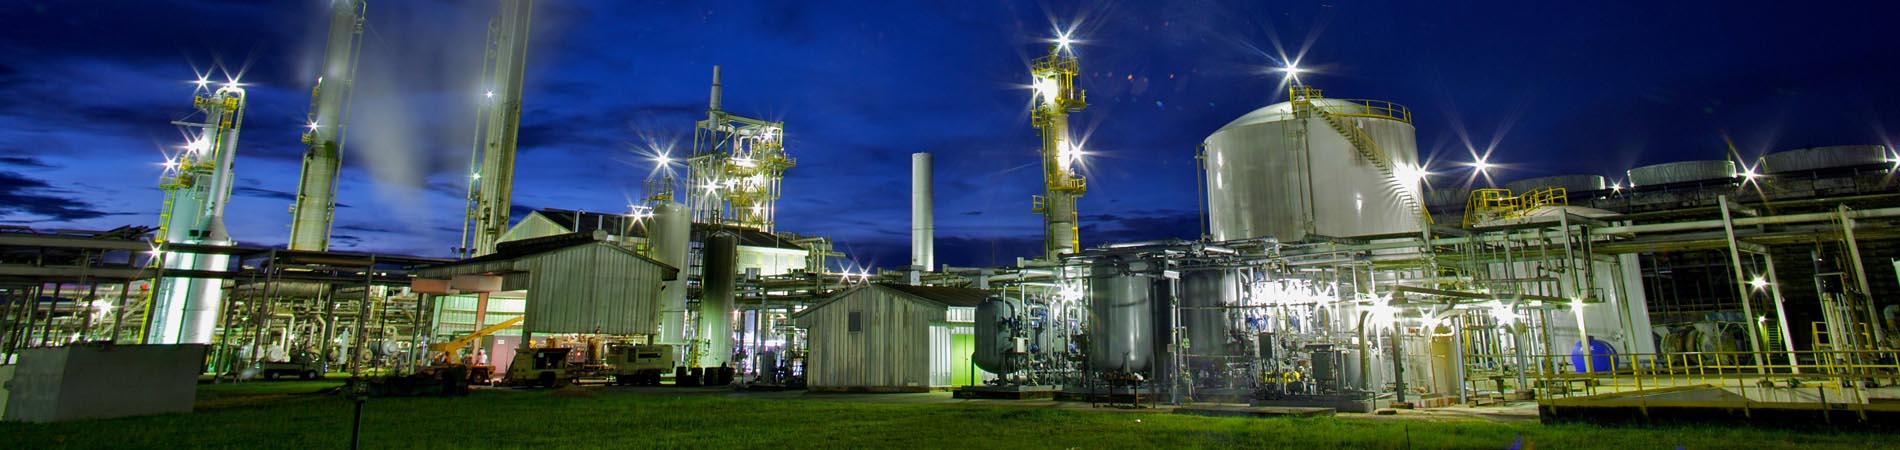 Instalatii si echipamente industriale